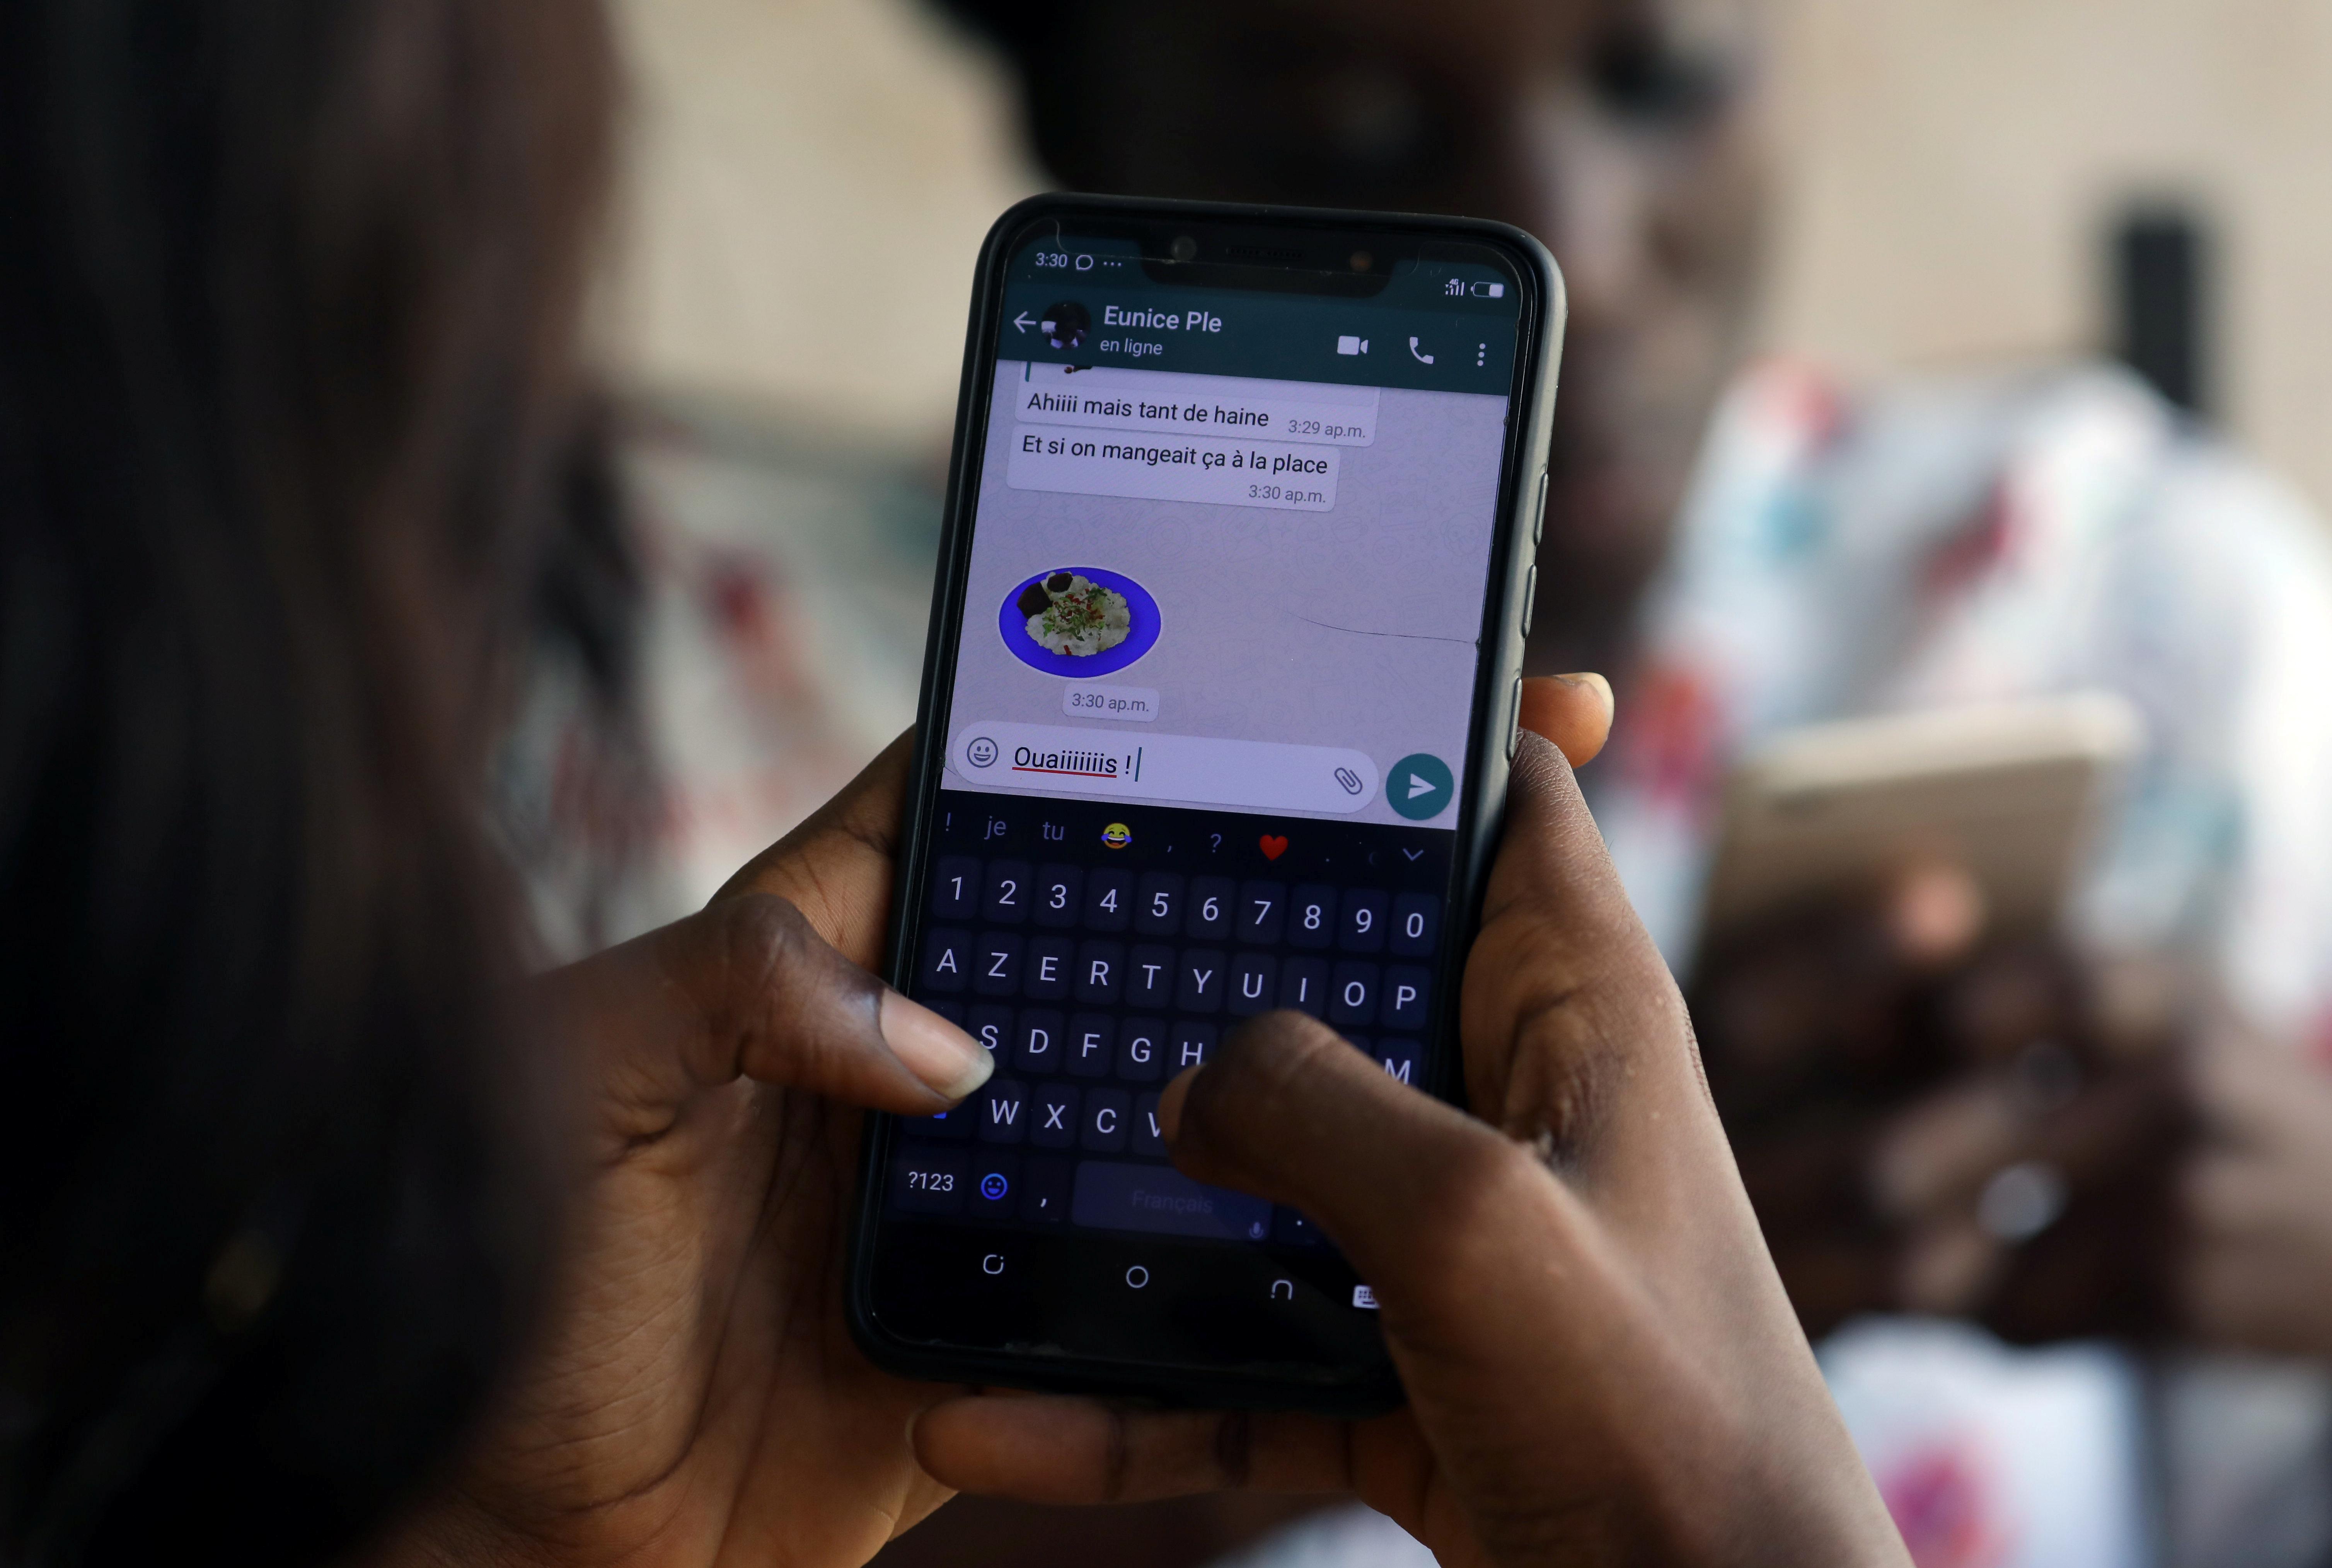 Αυτές είναι οι εφαρμογές που «κατέβασαν» οι χρήστες περισσότερο τη δεκαετία 2010-2019